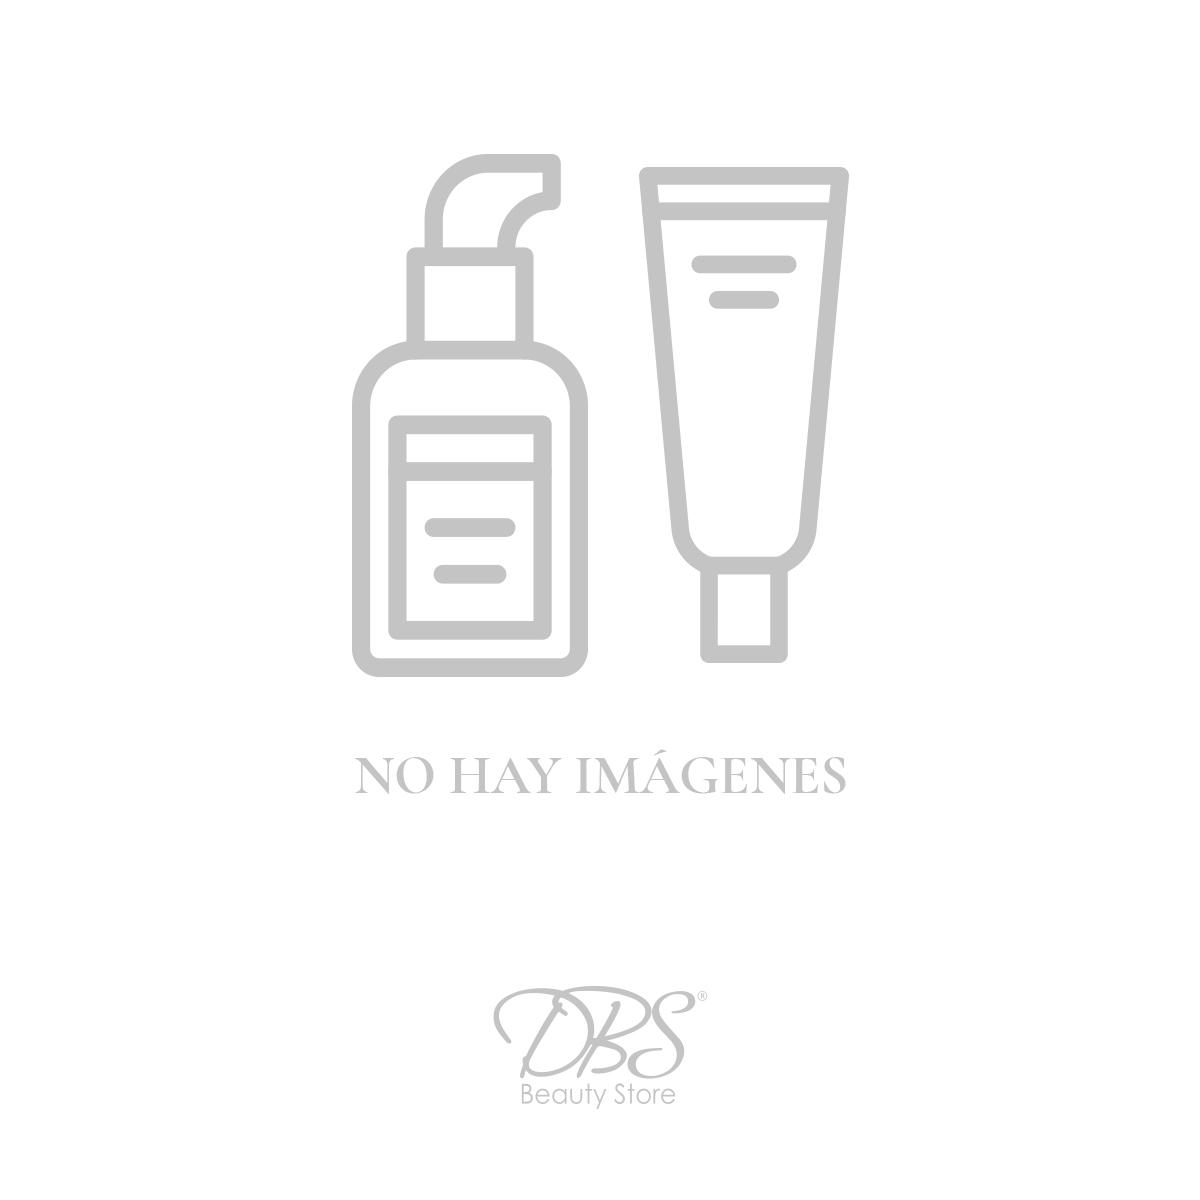 bath-and-body-works-BW-31517.jpg